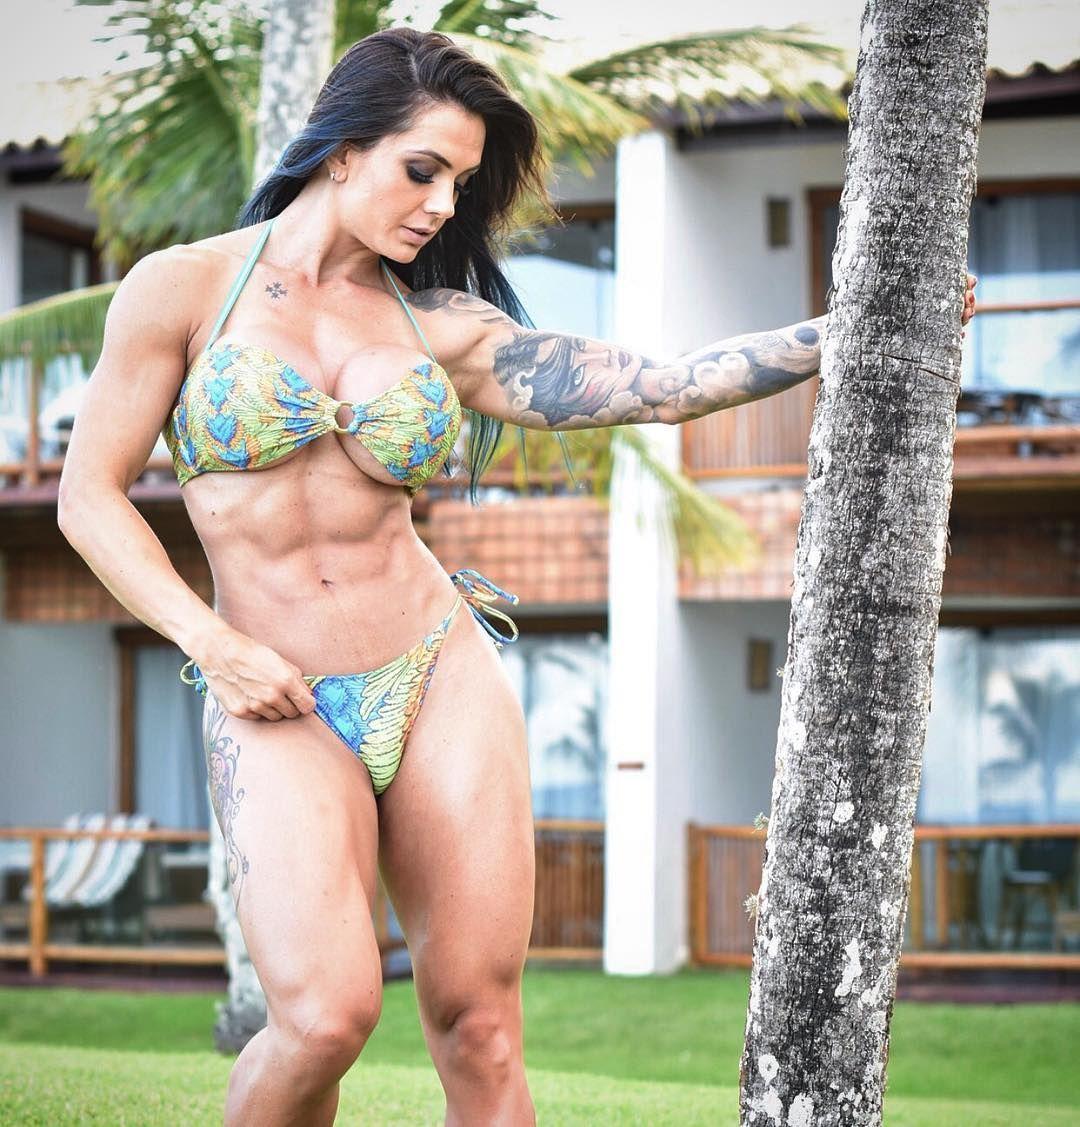 Sideboobs Emma WWE nude (79 photo), Tits, Sideboobs, Twitter, in bikini 2020